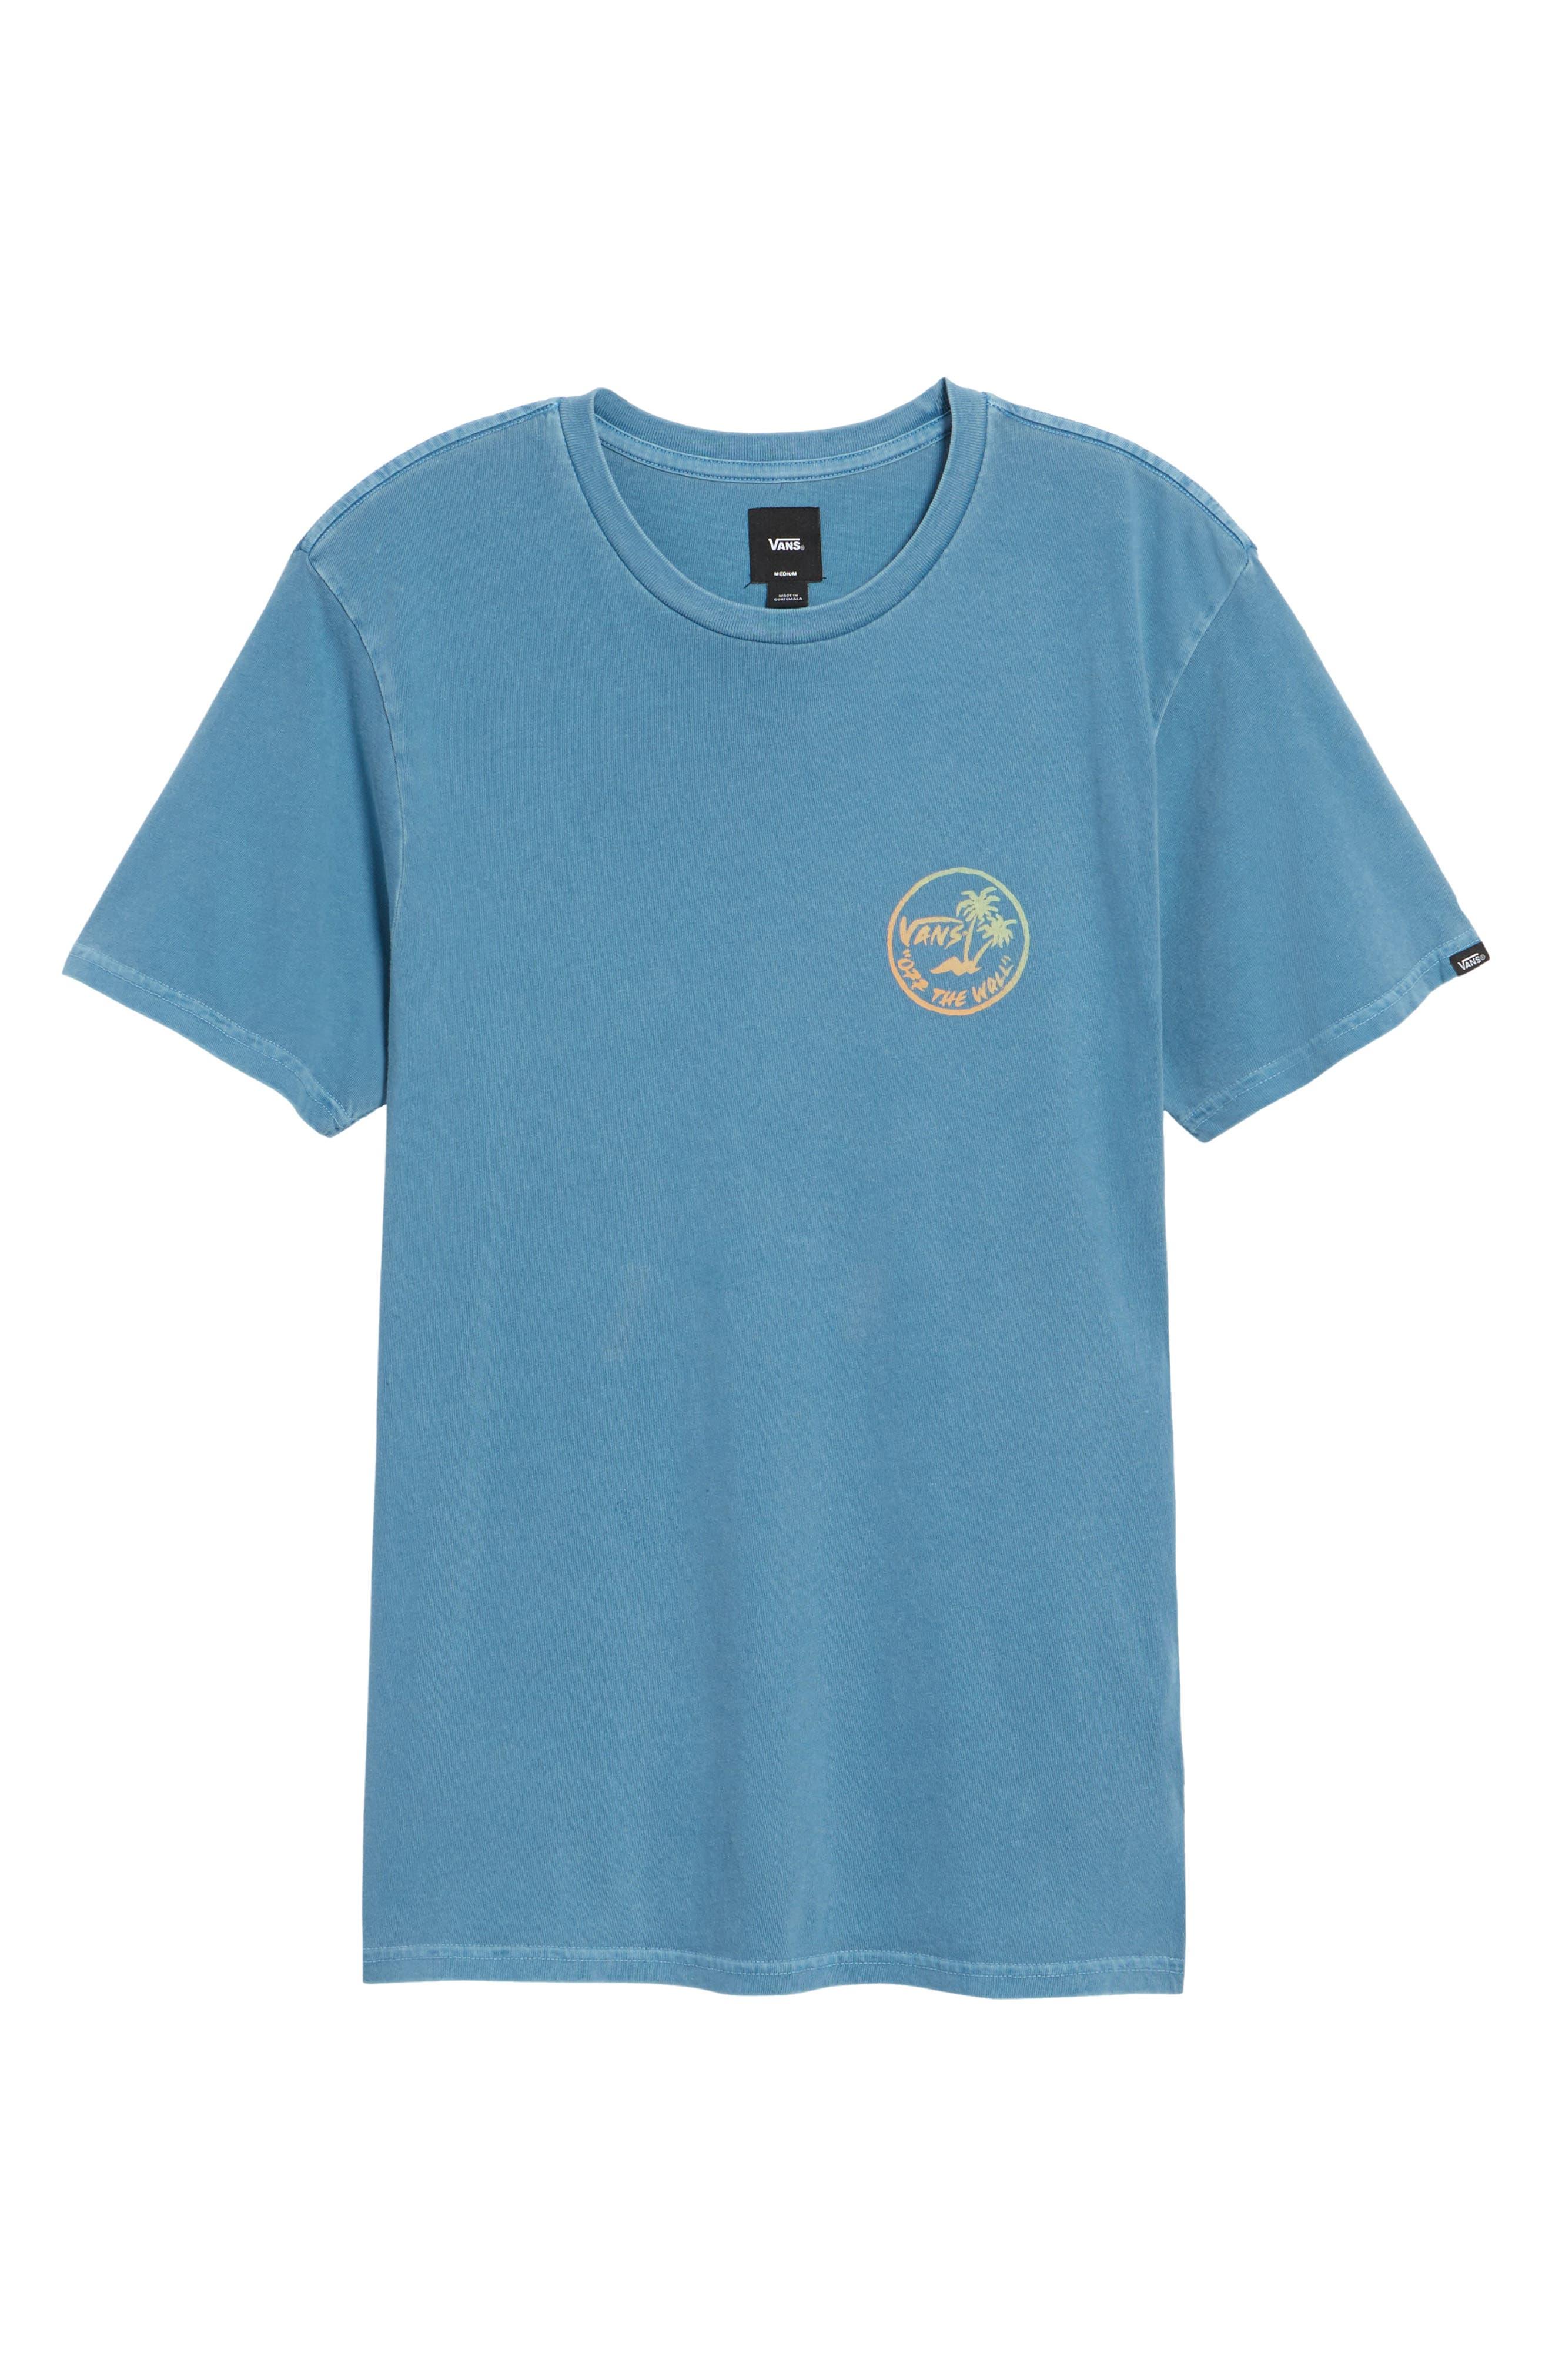 Vintage Palm Graphic T-Shirt,                             Alternate thumbnail 6, color,                             420